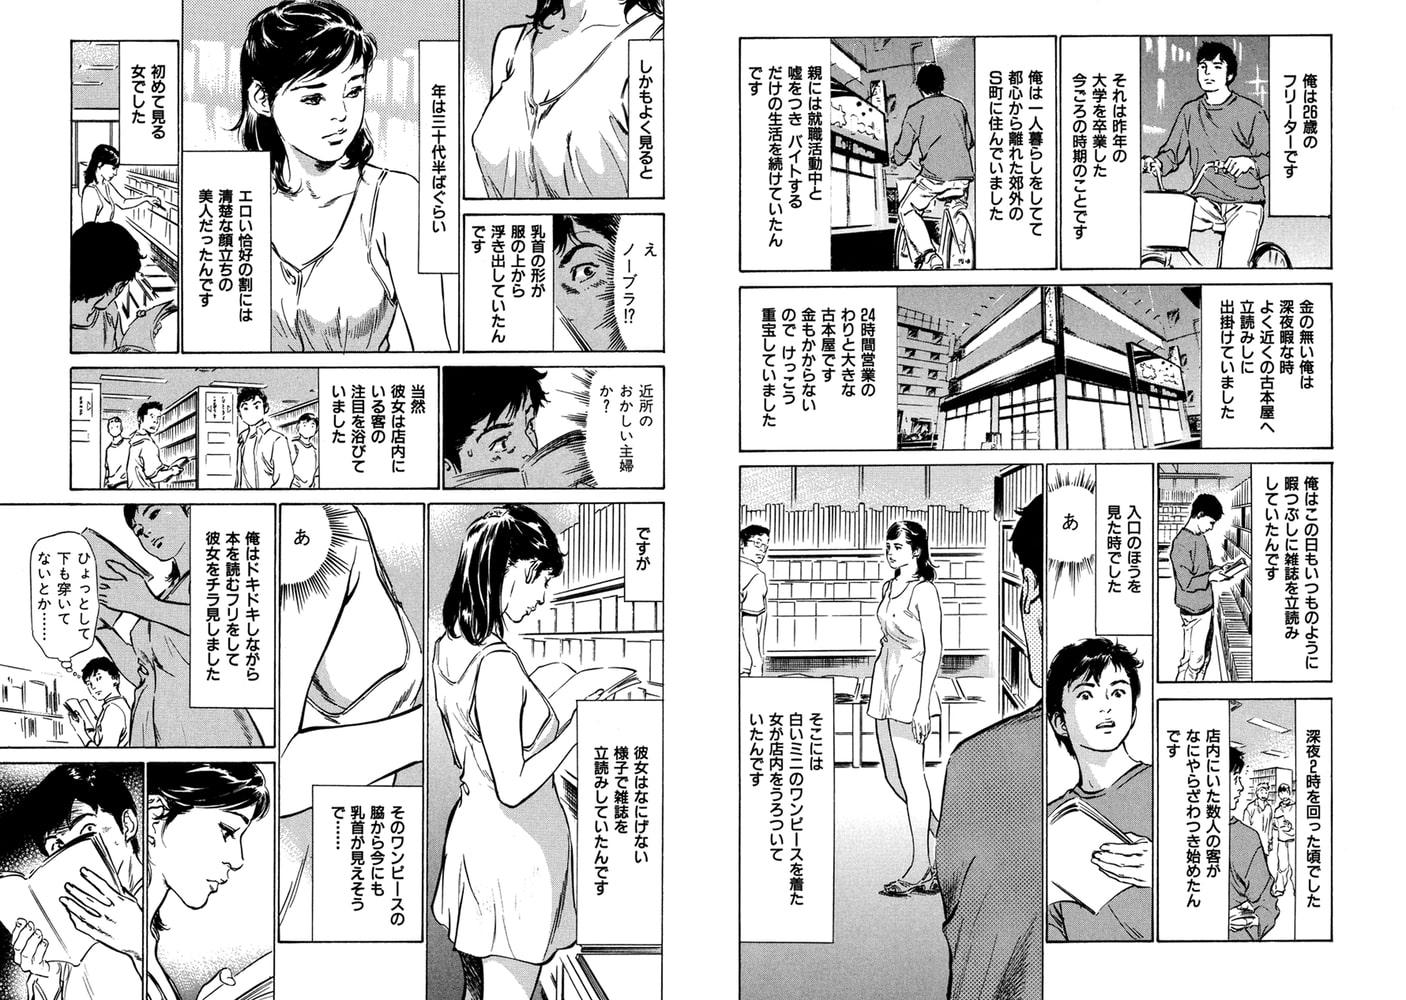 八月薫全集 第19巻 さらけ出したいものがある(2)